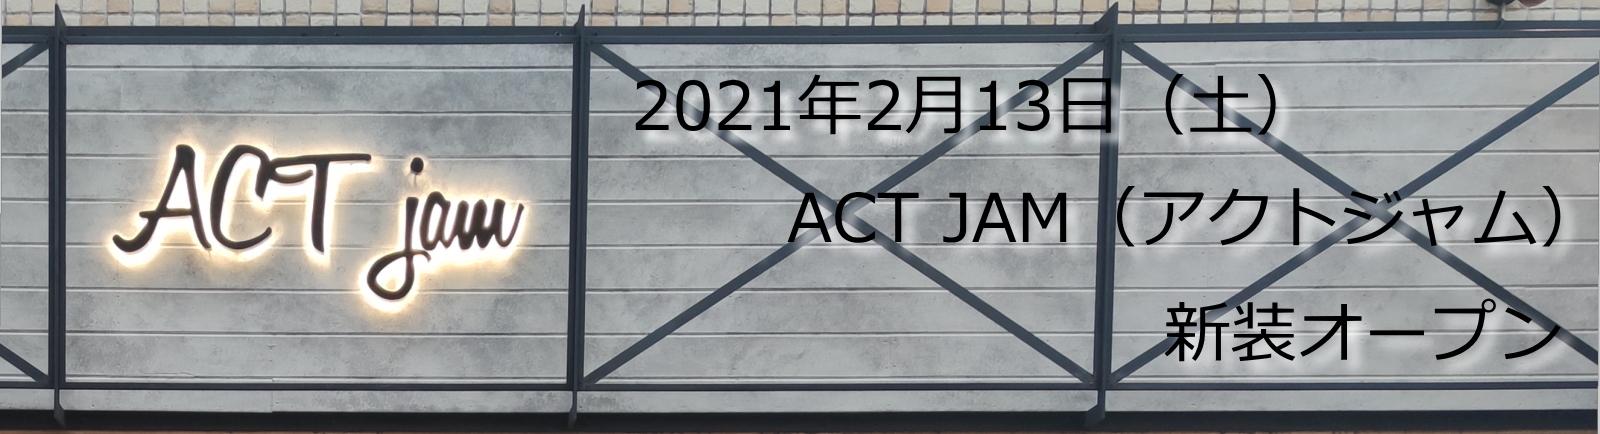 美容室 ACT JAM(アクトジャム)